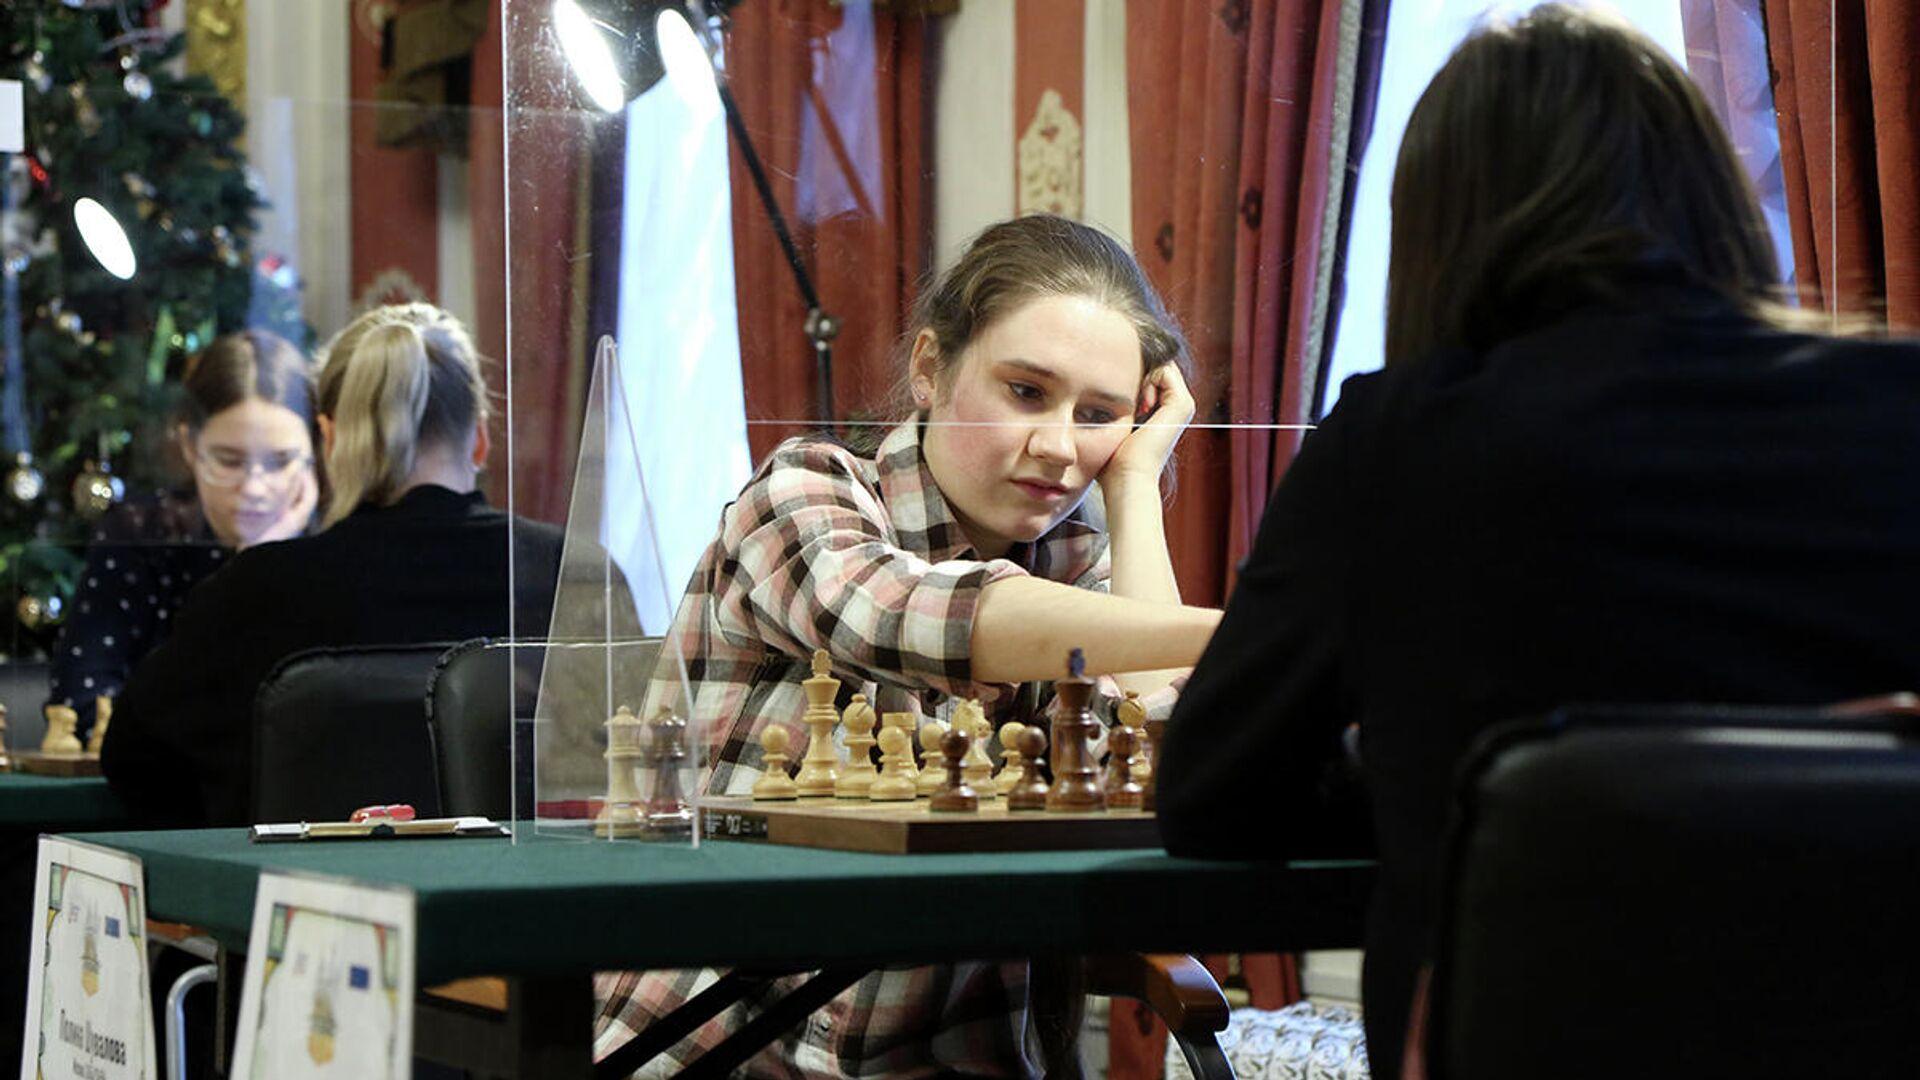 Шахматистка Полина Шувалова (Россия) - РИА Новости, 1920, 10.12.2020